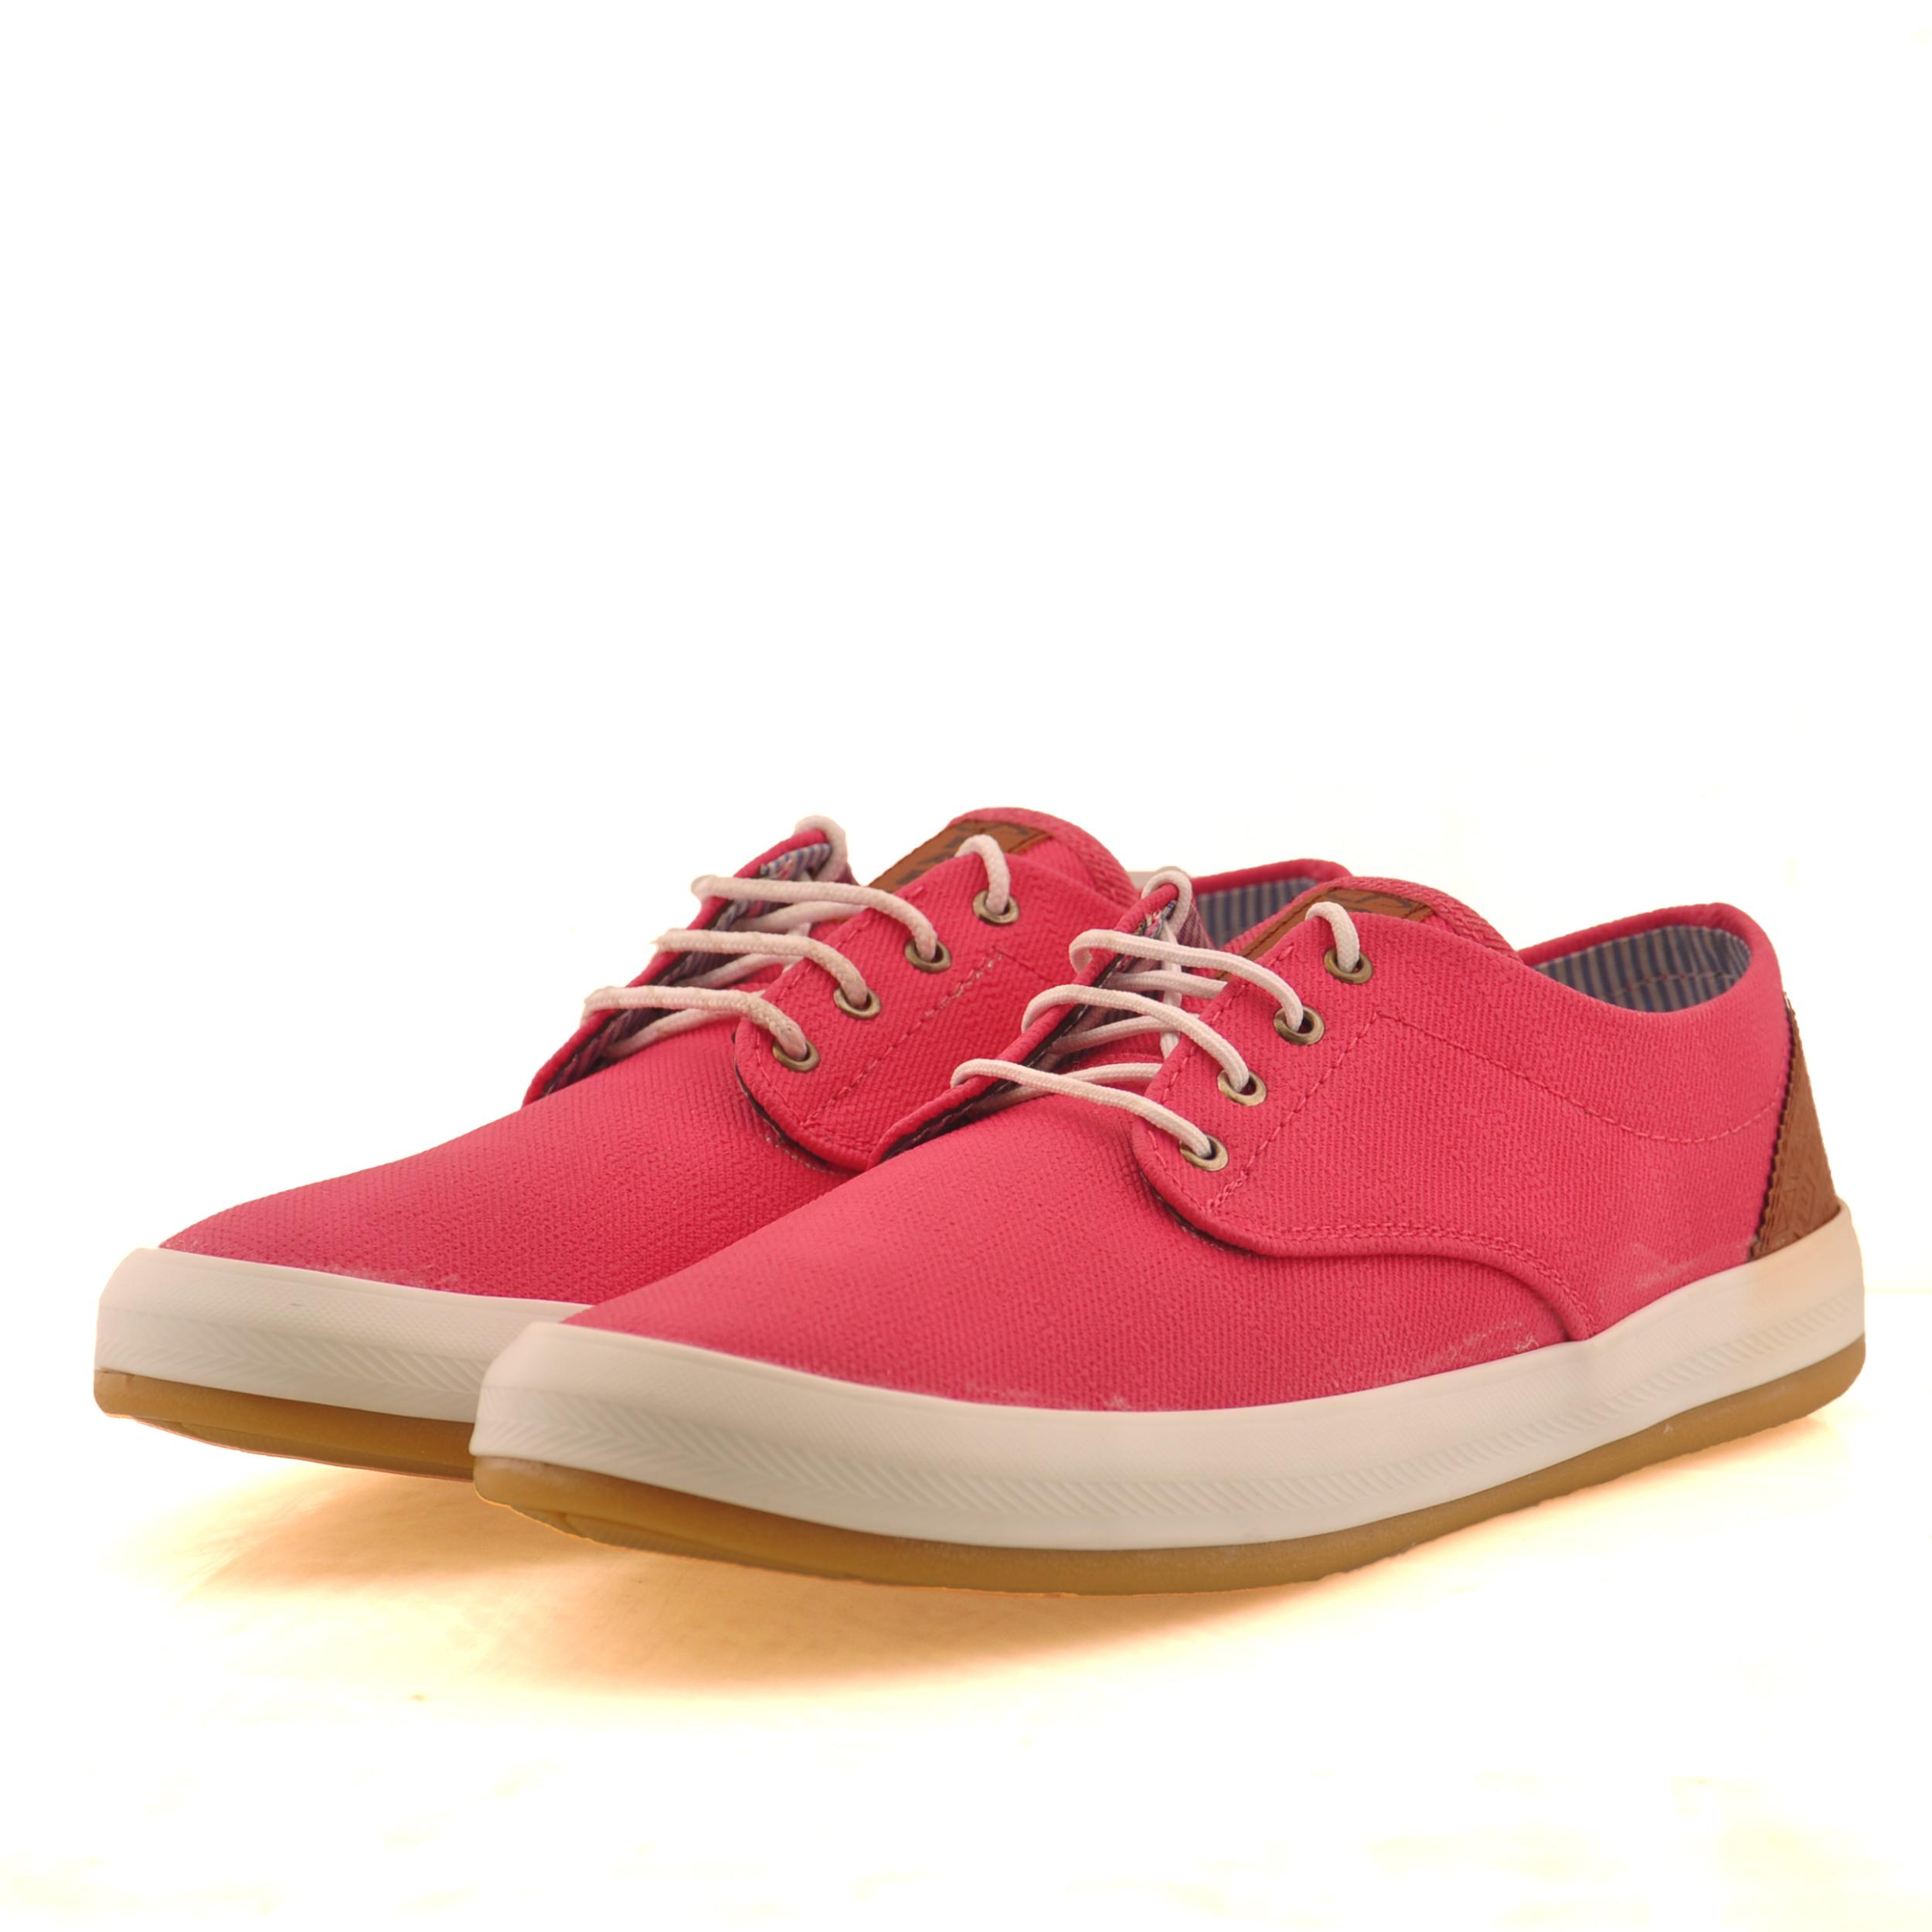 کفش روزمره زنانه کد tr900 main 1 2